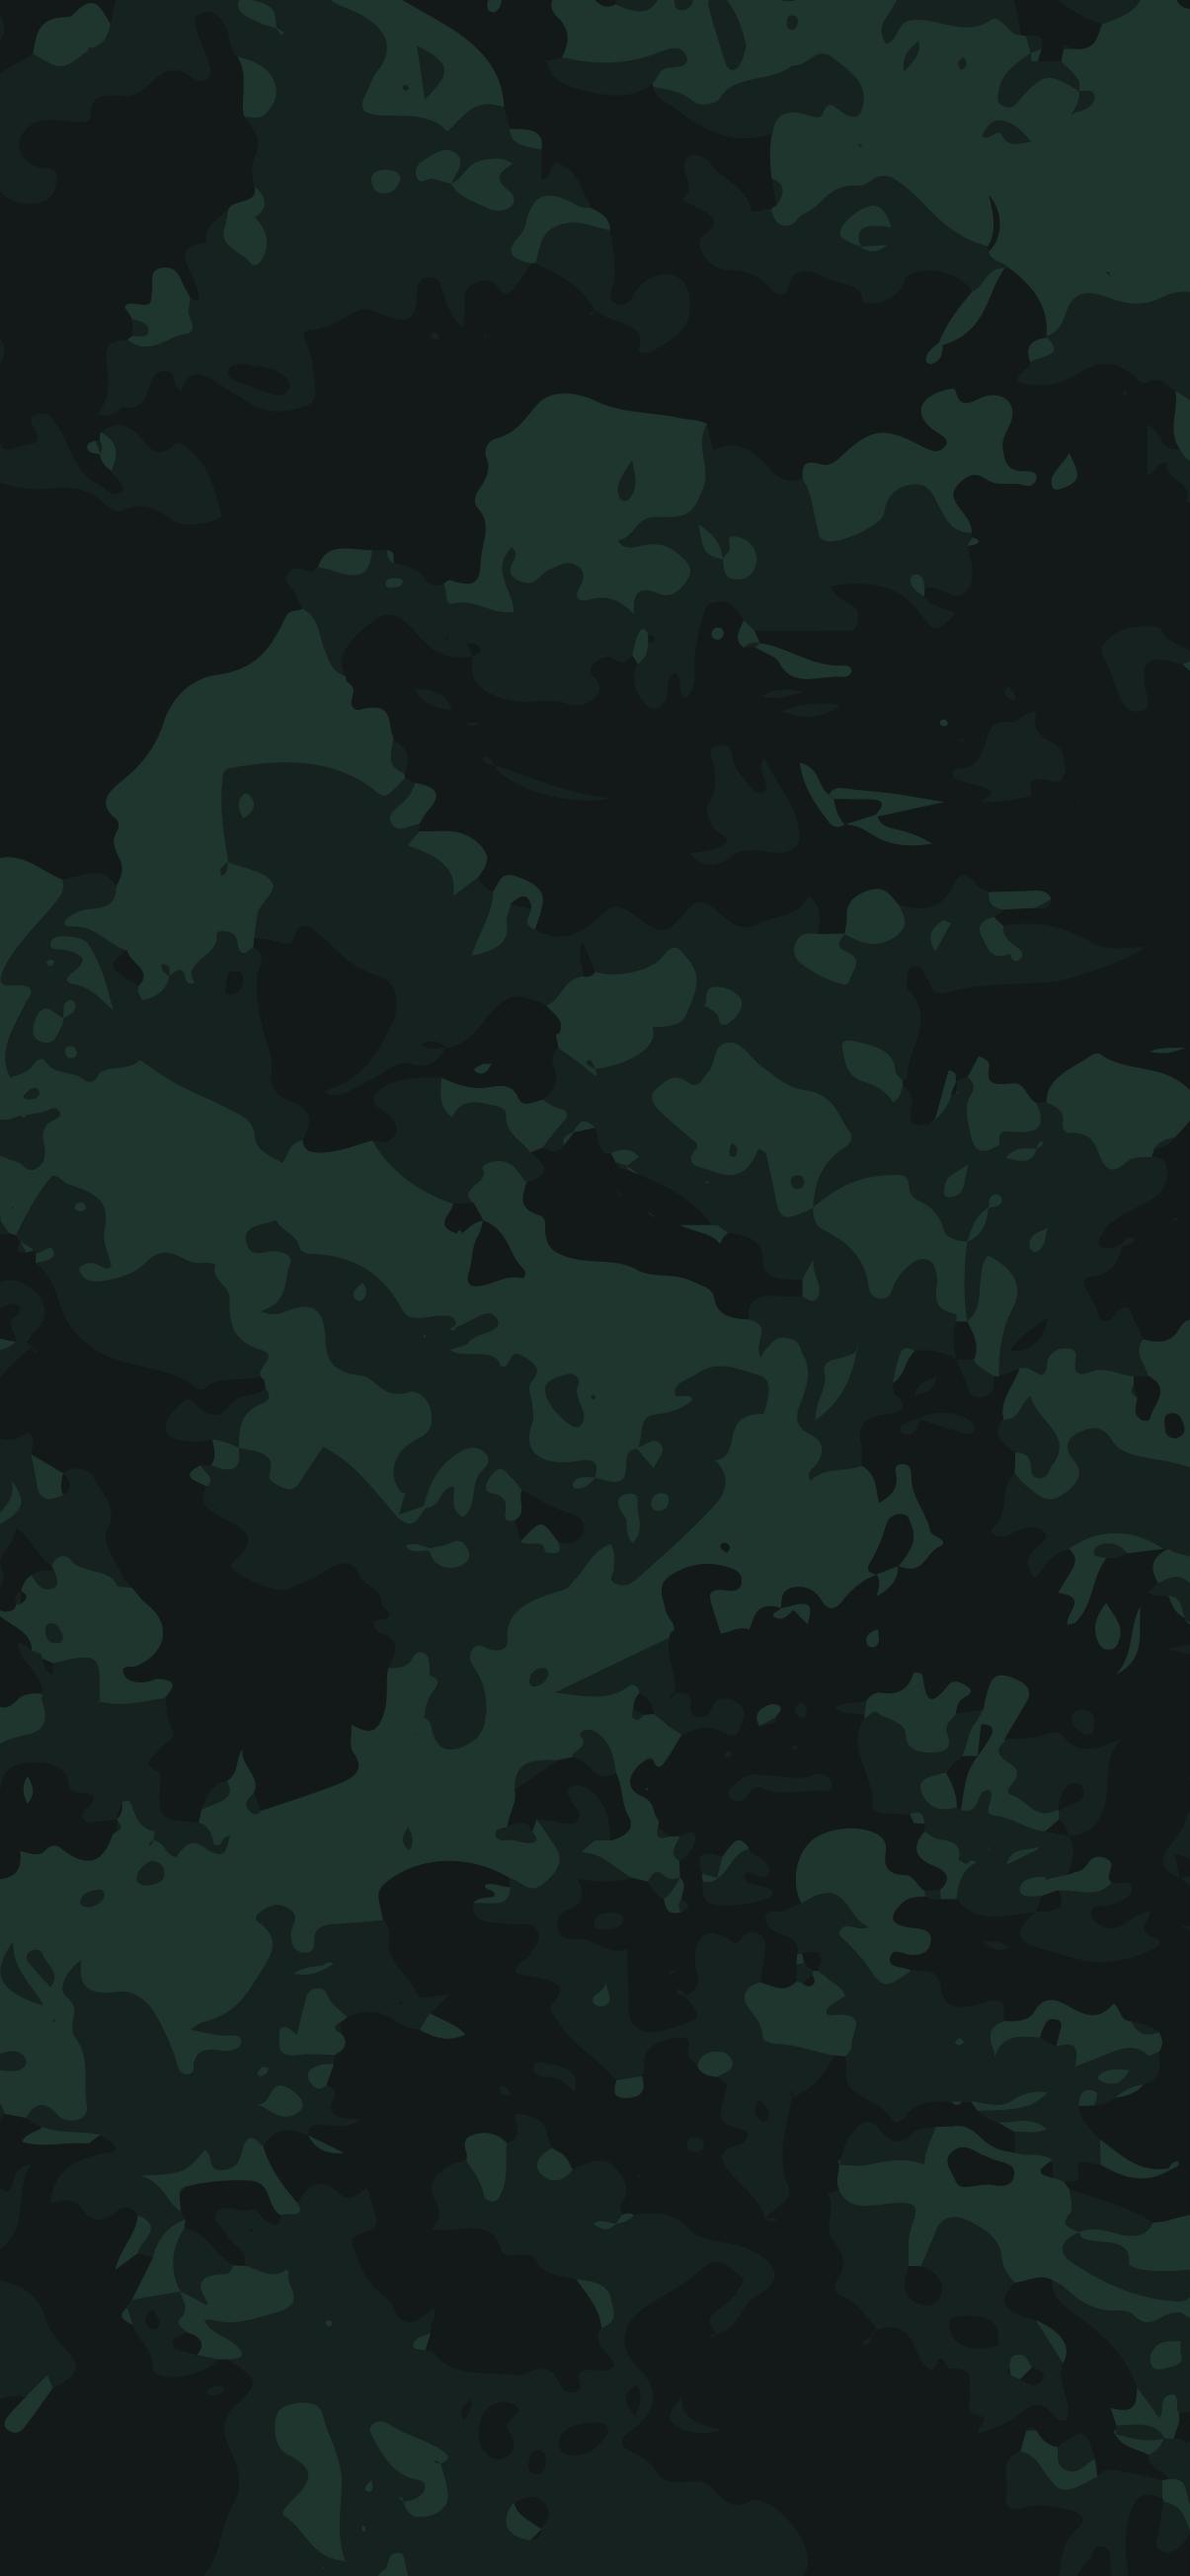 camouflage dark green